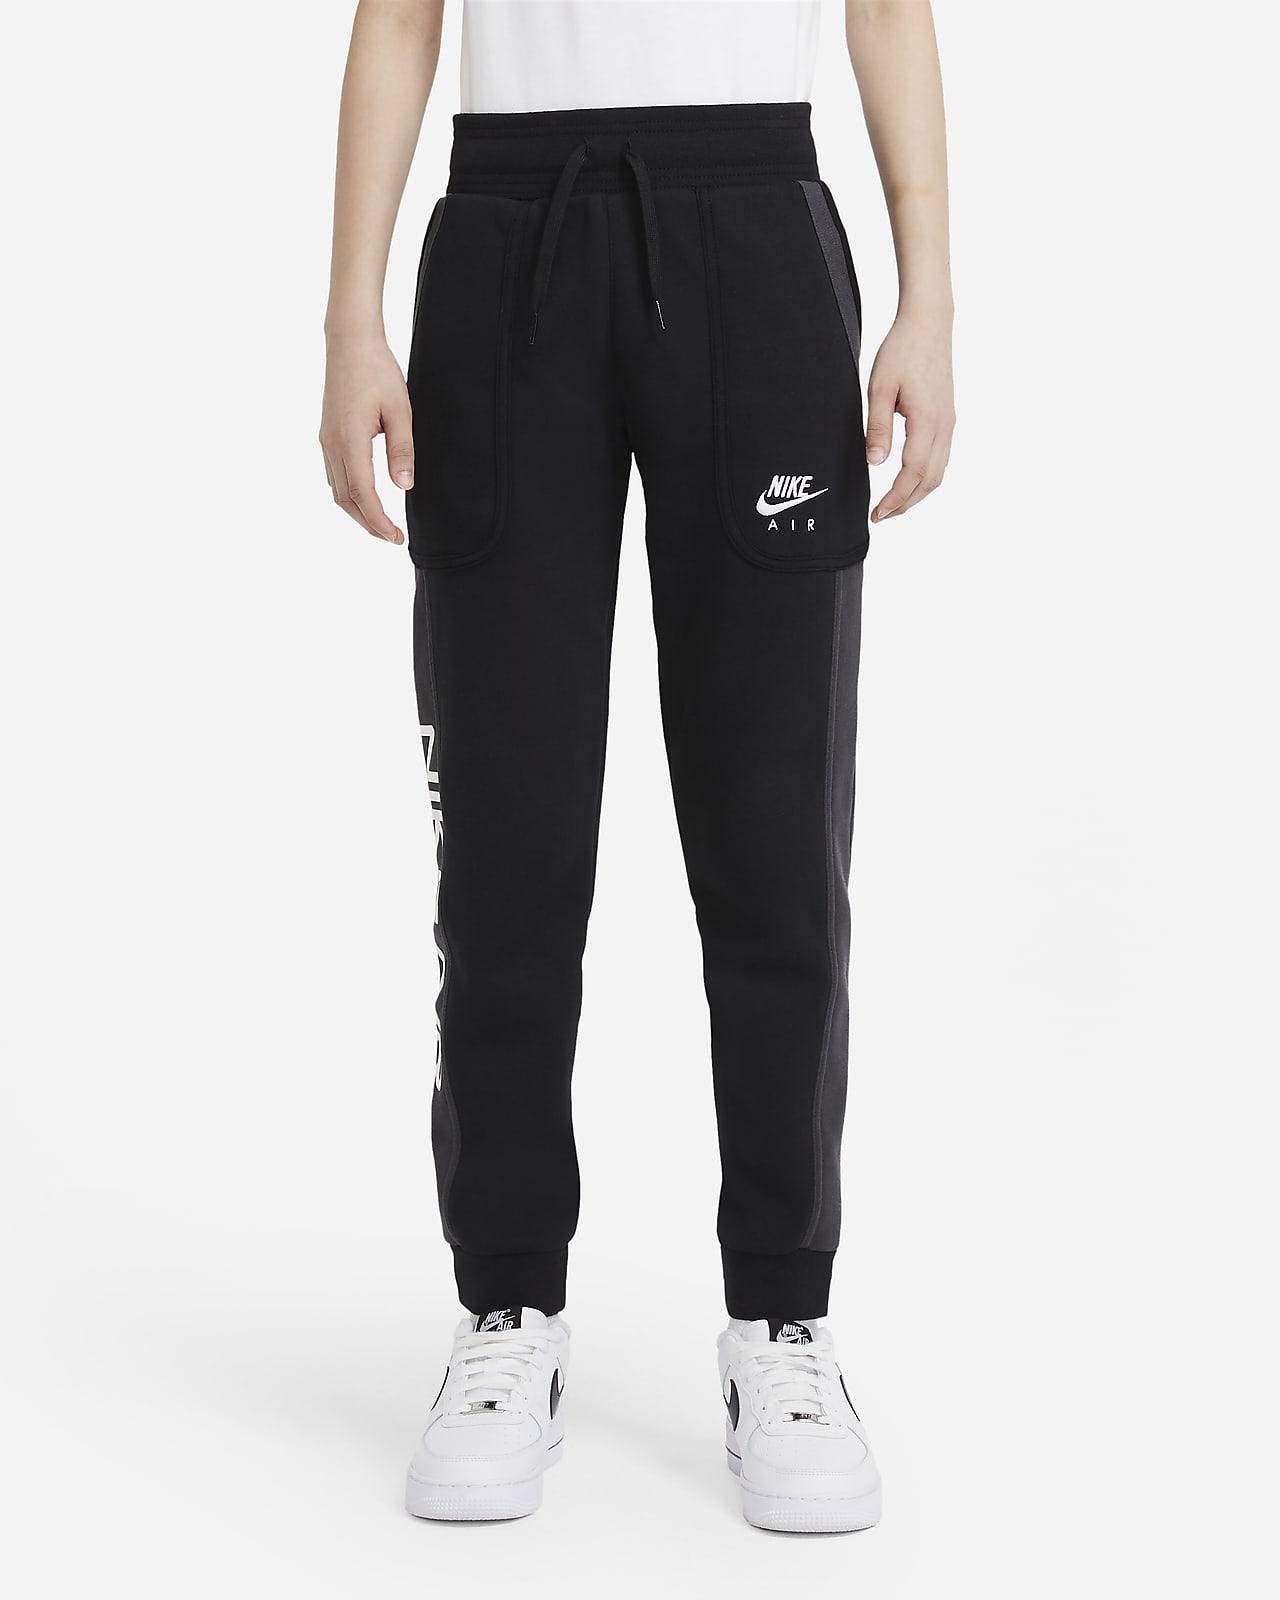 กางเกงเด็กโต Nike Air (ชาย)